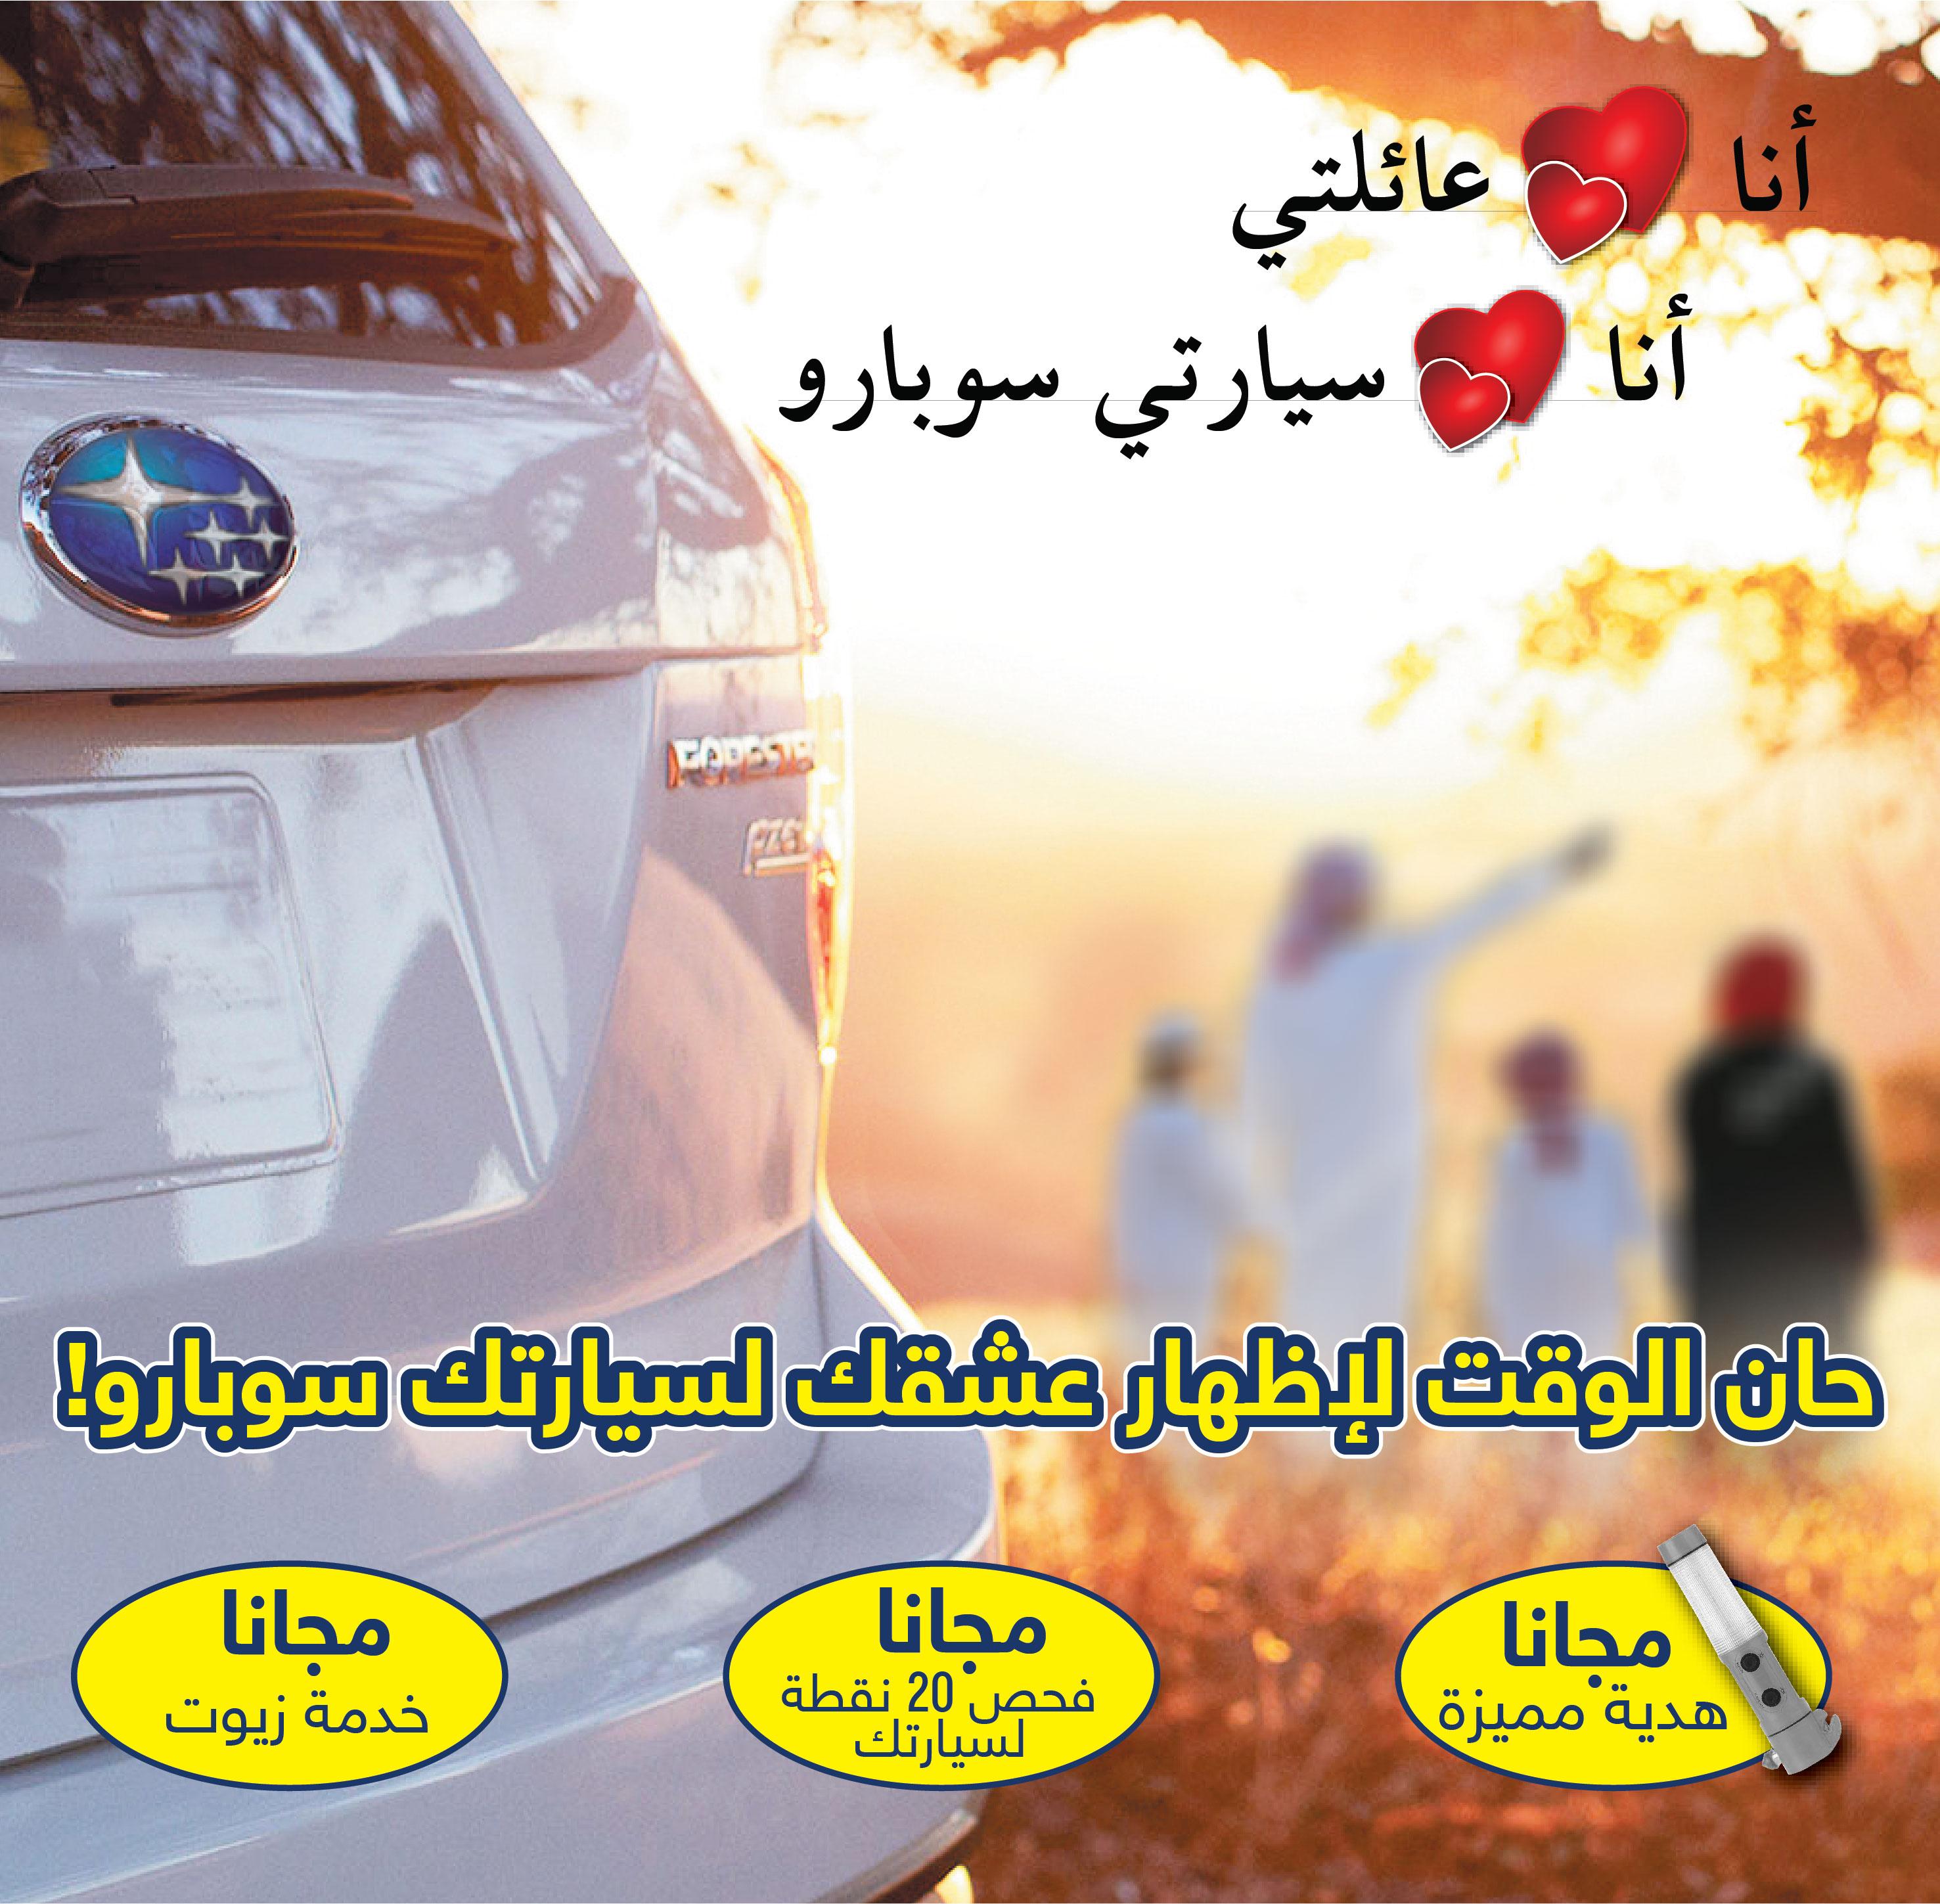 «المؤسسة التجارية العمانية» تقدّم الفحص المجاني لسيارات سوبارو